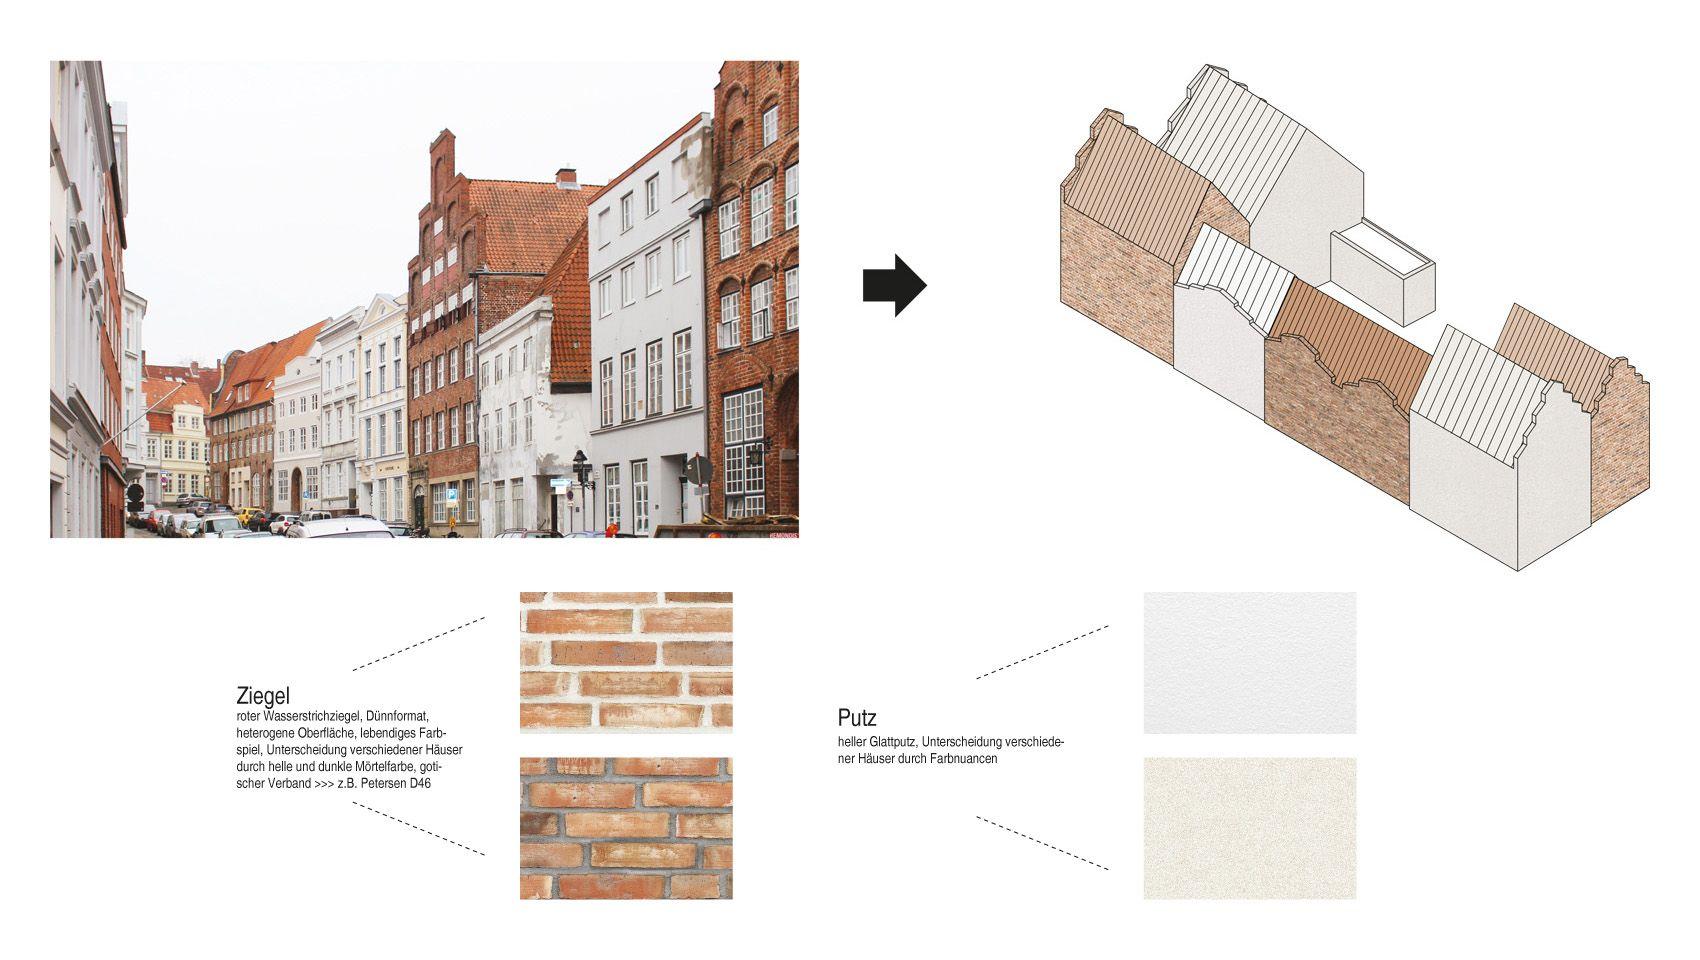 134 Einhauschen Querstrasse Lorenzen Mayer Architekten Wohnung Planen Architekt Fassade